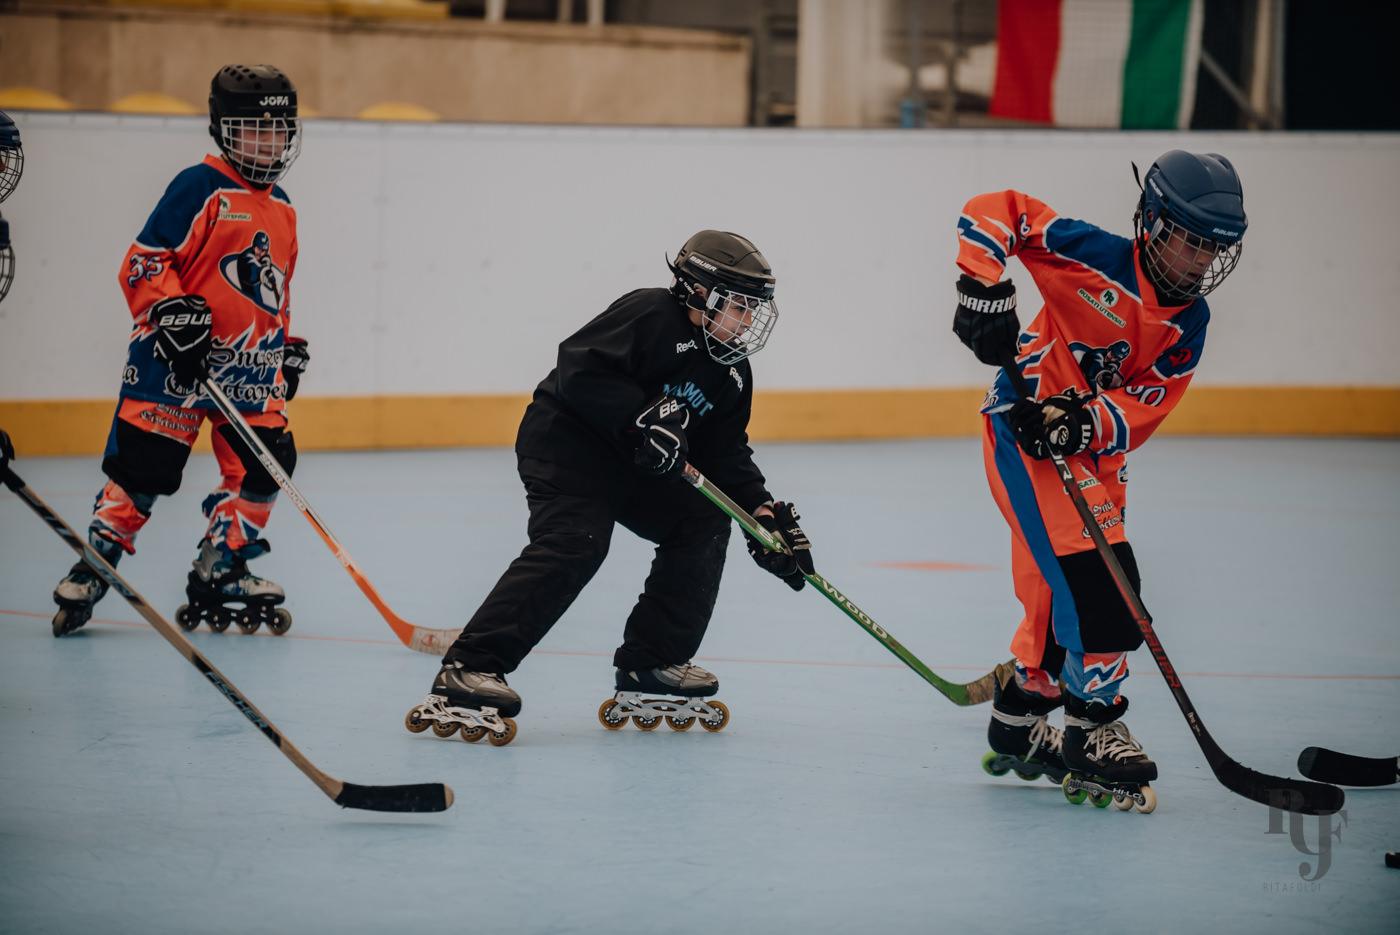 pattinaggio e hockey roma, roma pattinaggio, inline hockey rome, rome hockey, rita foldi photo, sports photography